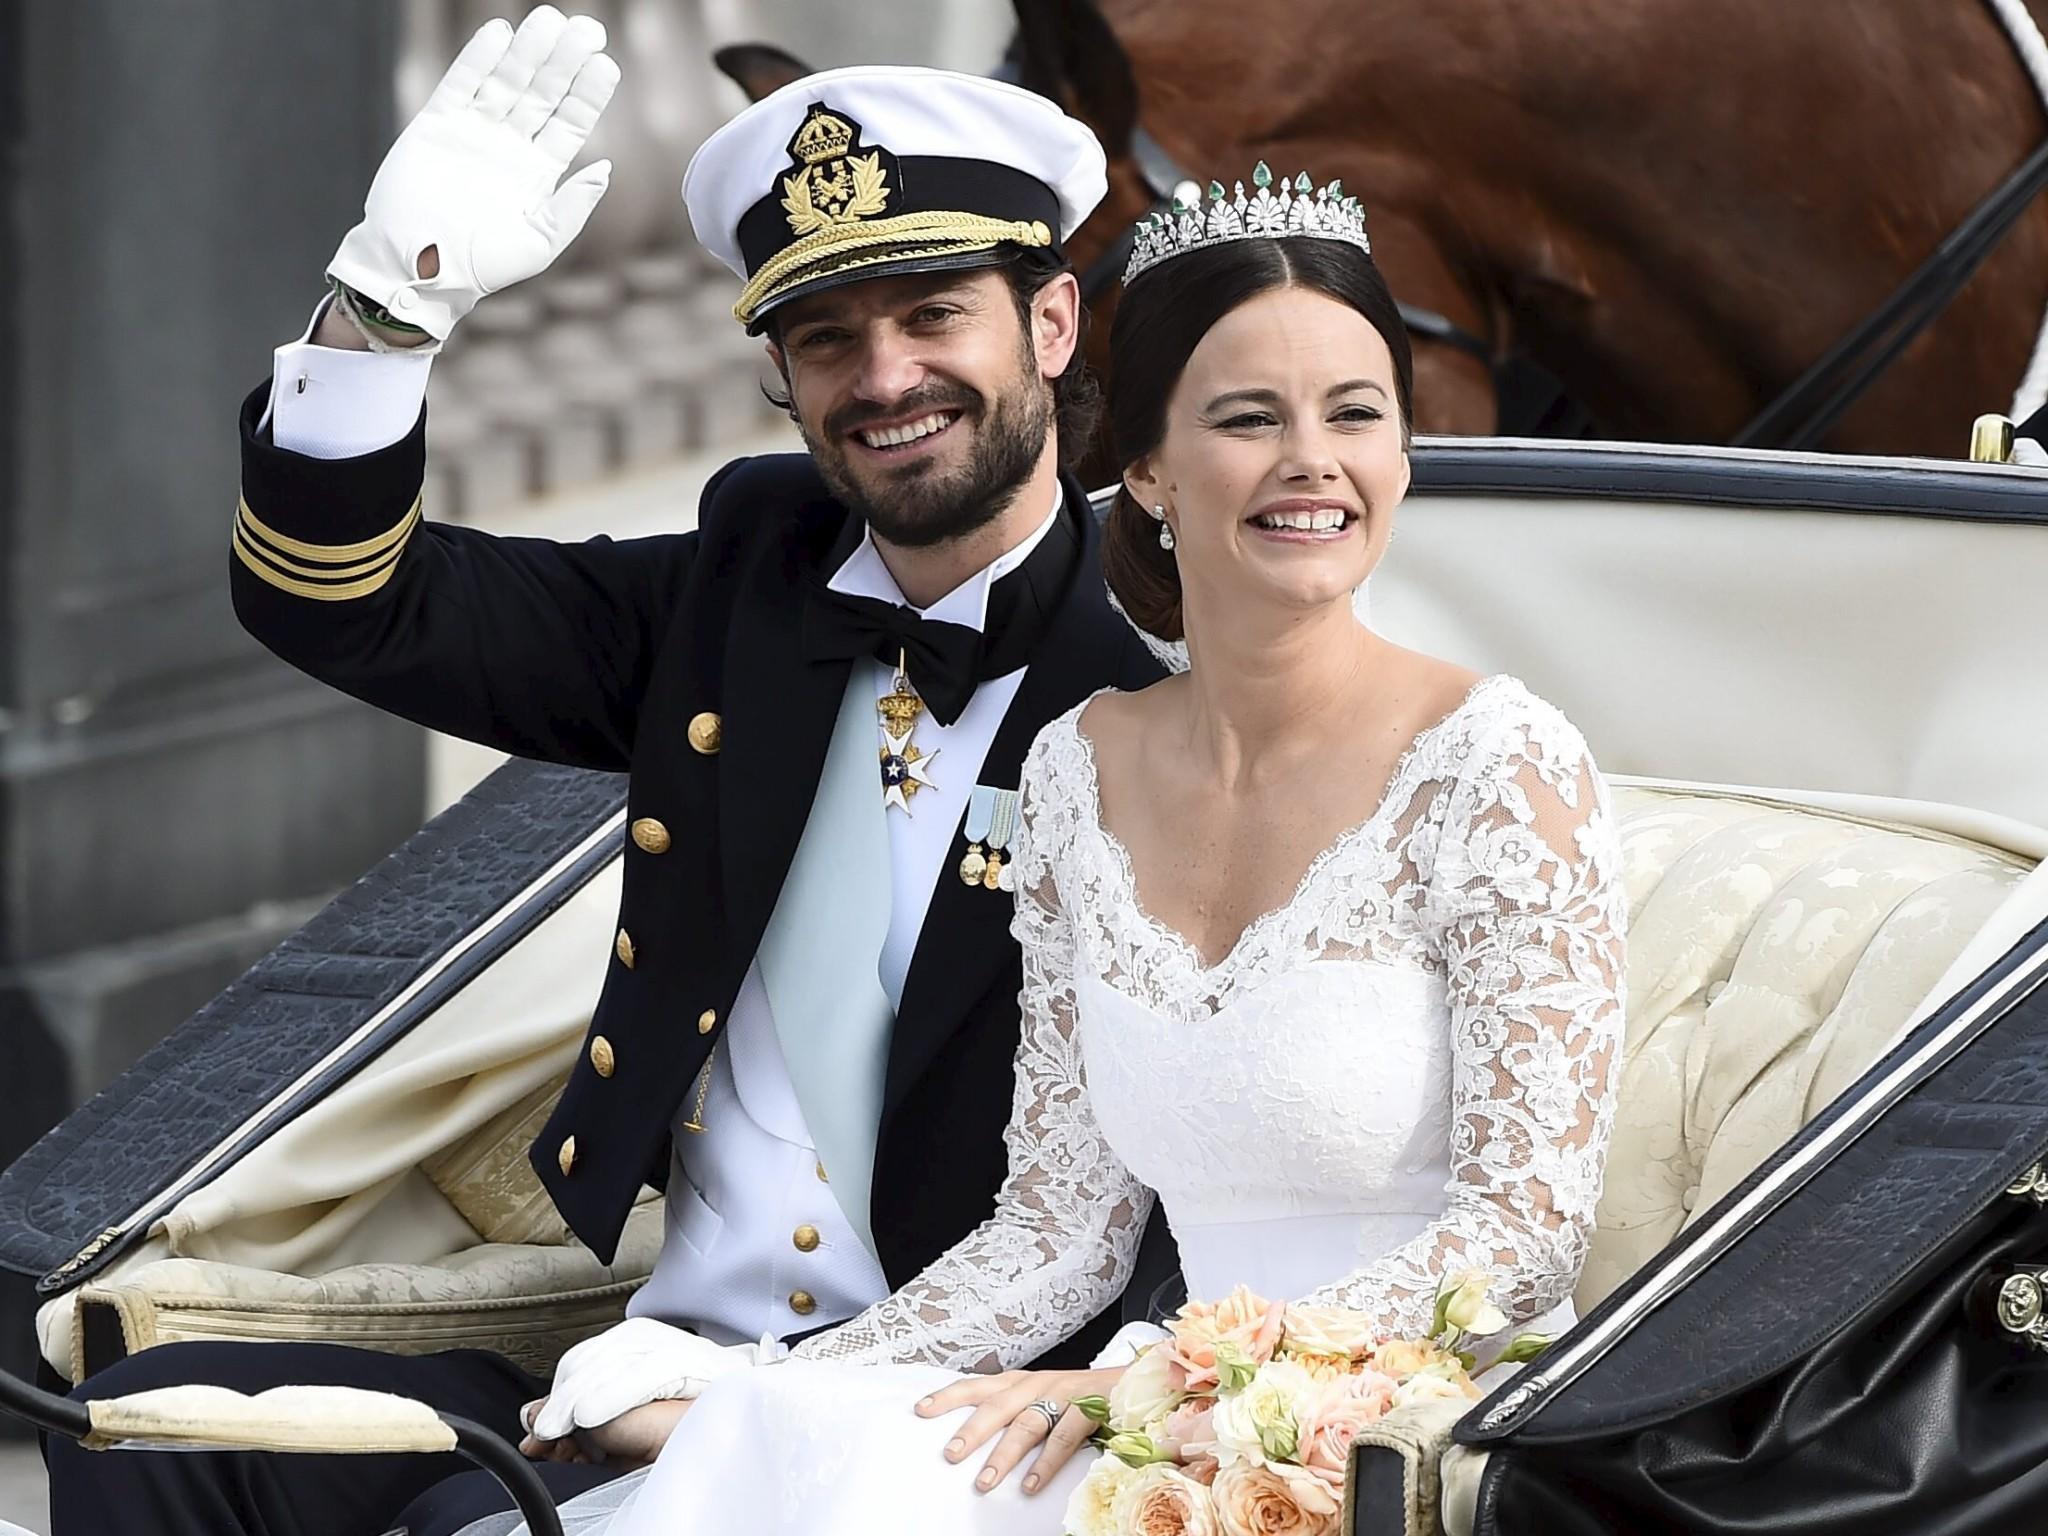 Hochzeit Von Carl Philip Von Schweden  Prinz Carl Philip und Sofia Hellqvist Die schönsten